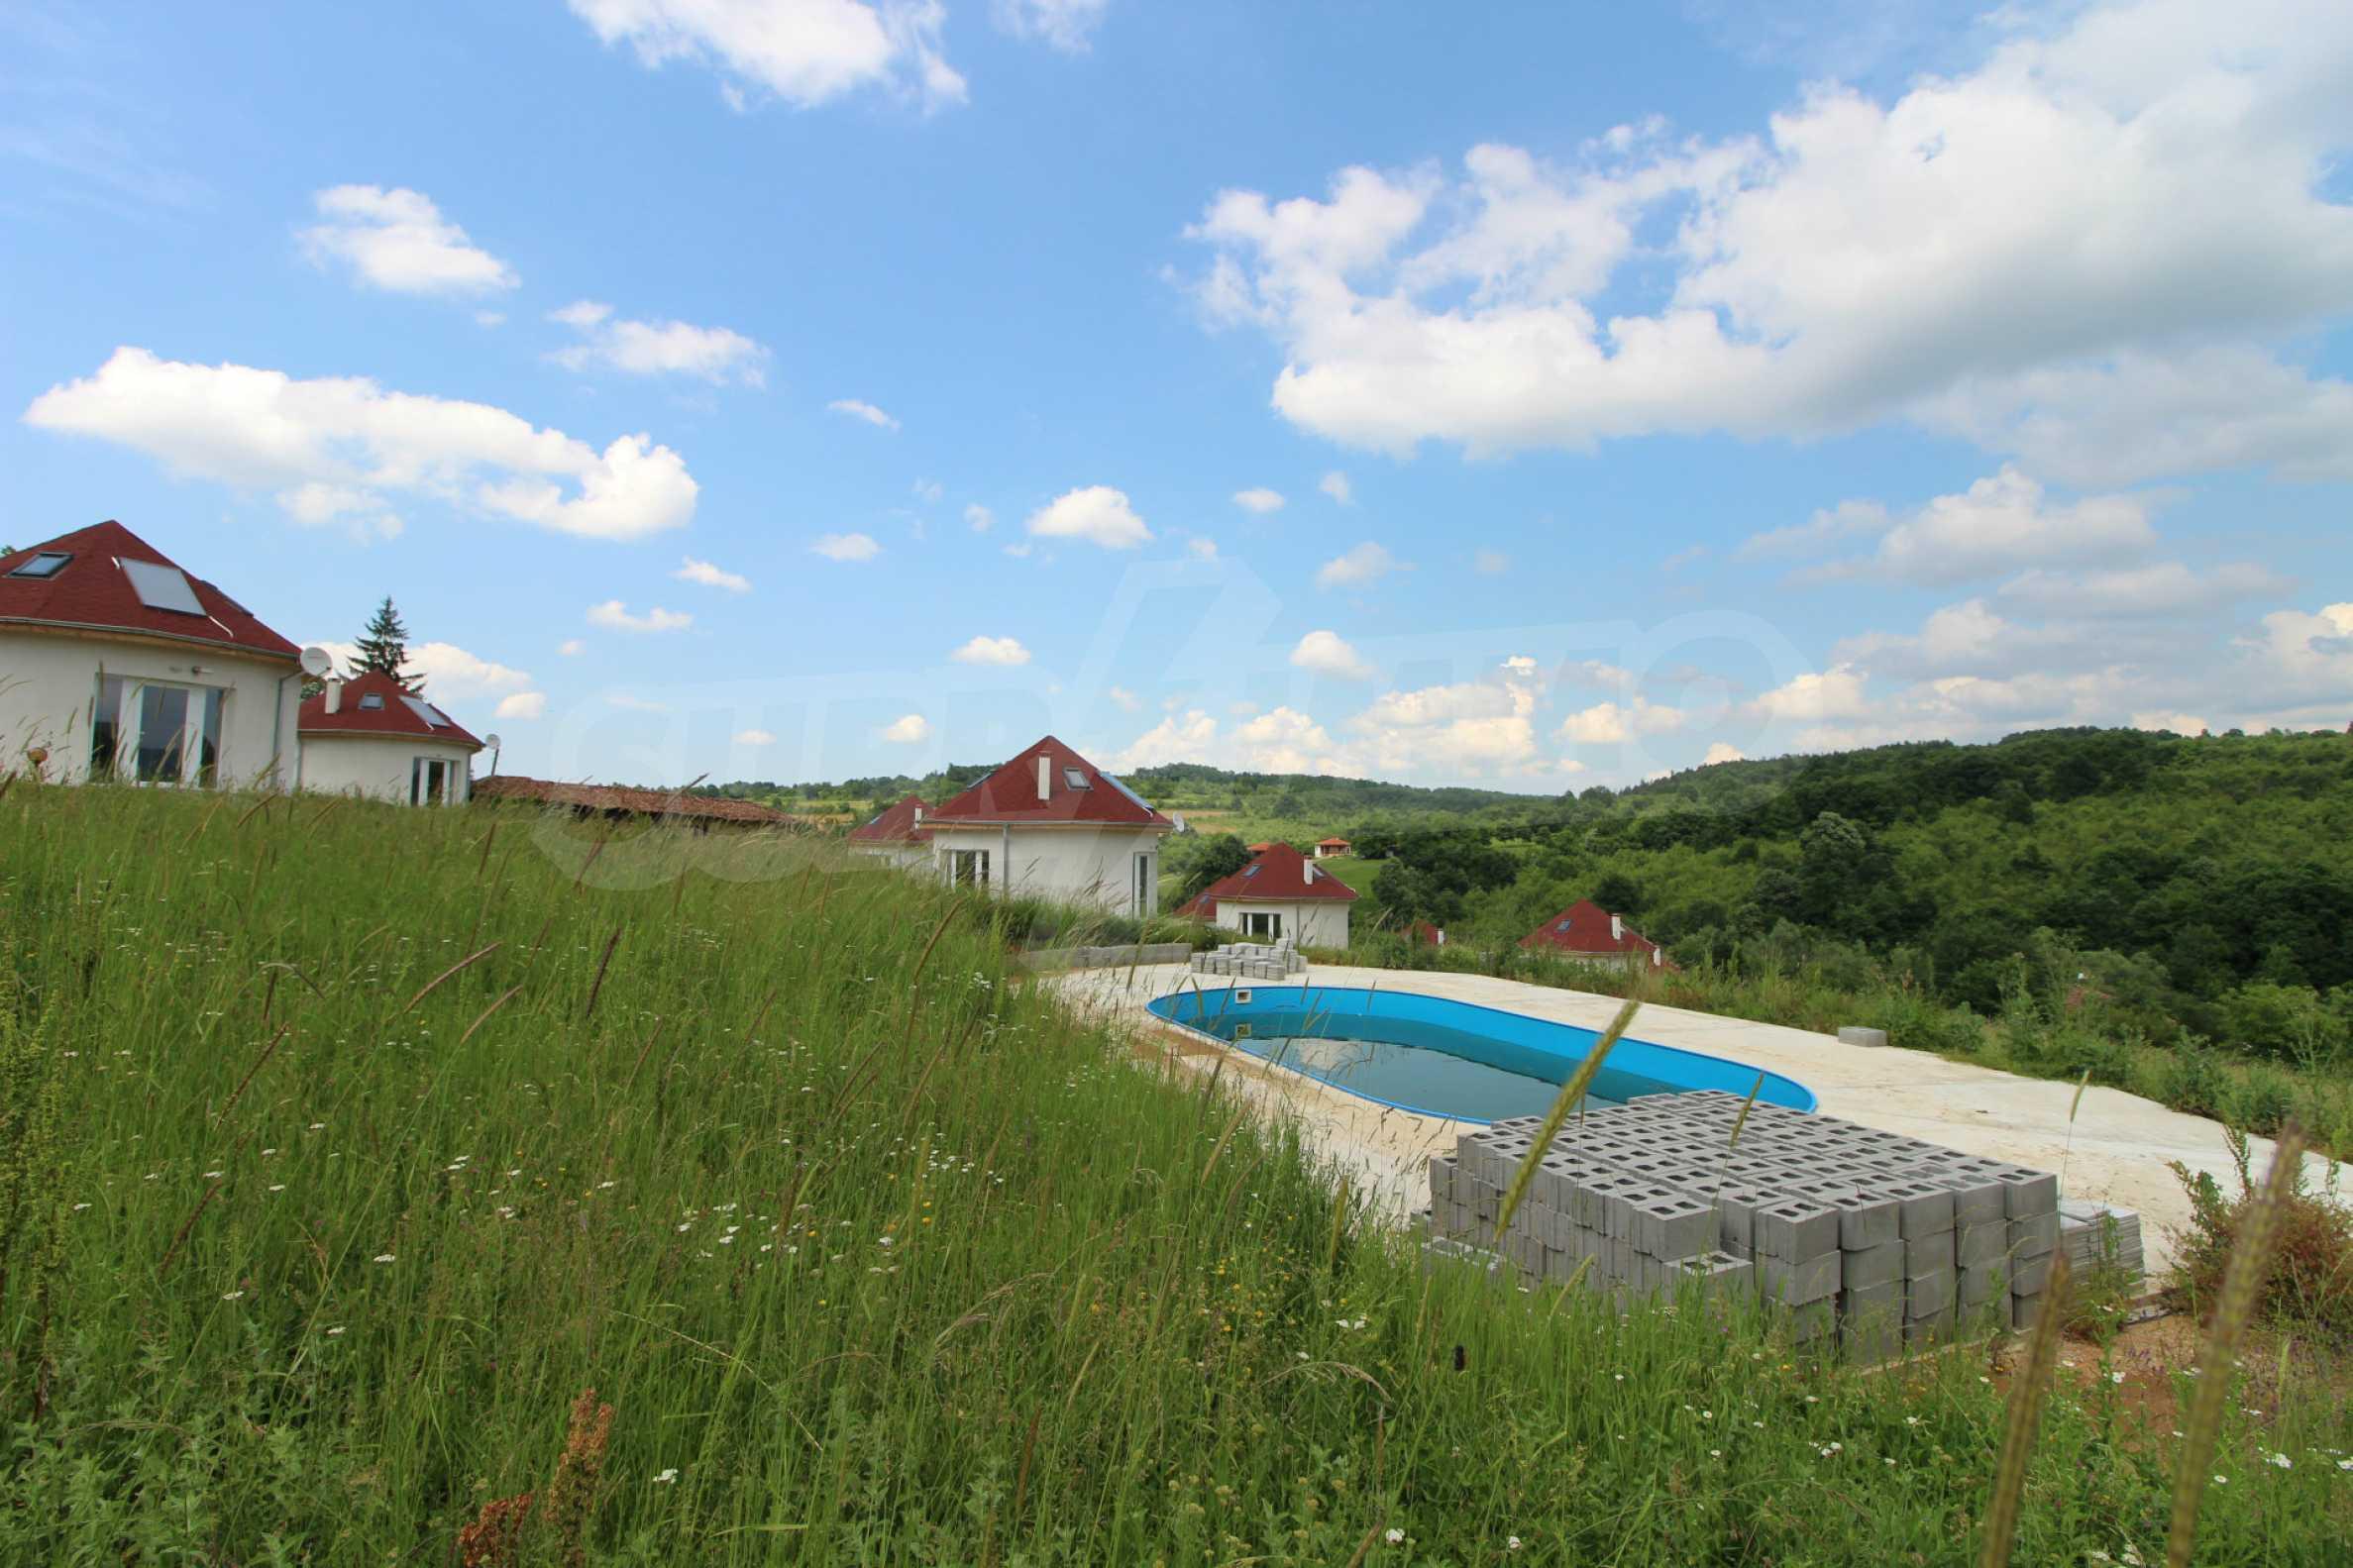 Планинско имение с басейн и  барбекю, с потенциал за развитие на бизнес  2